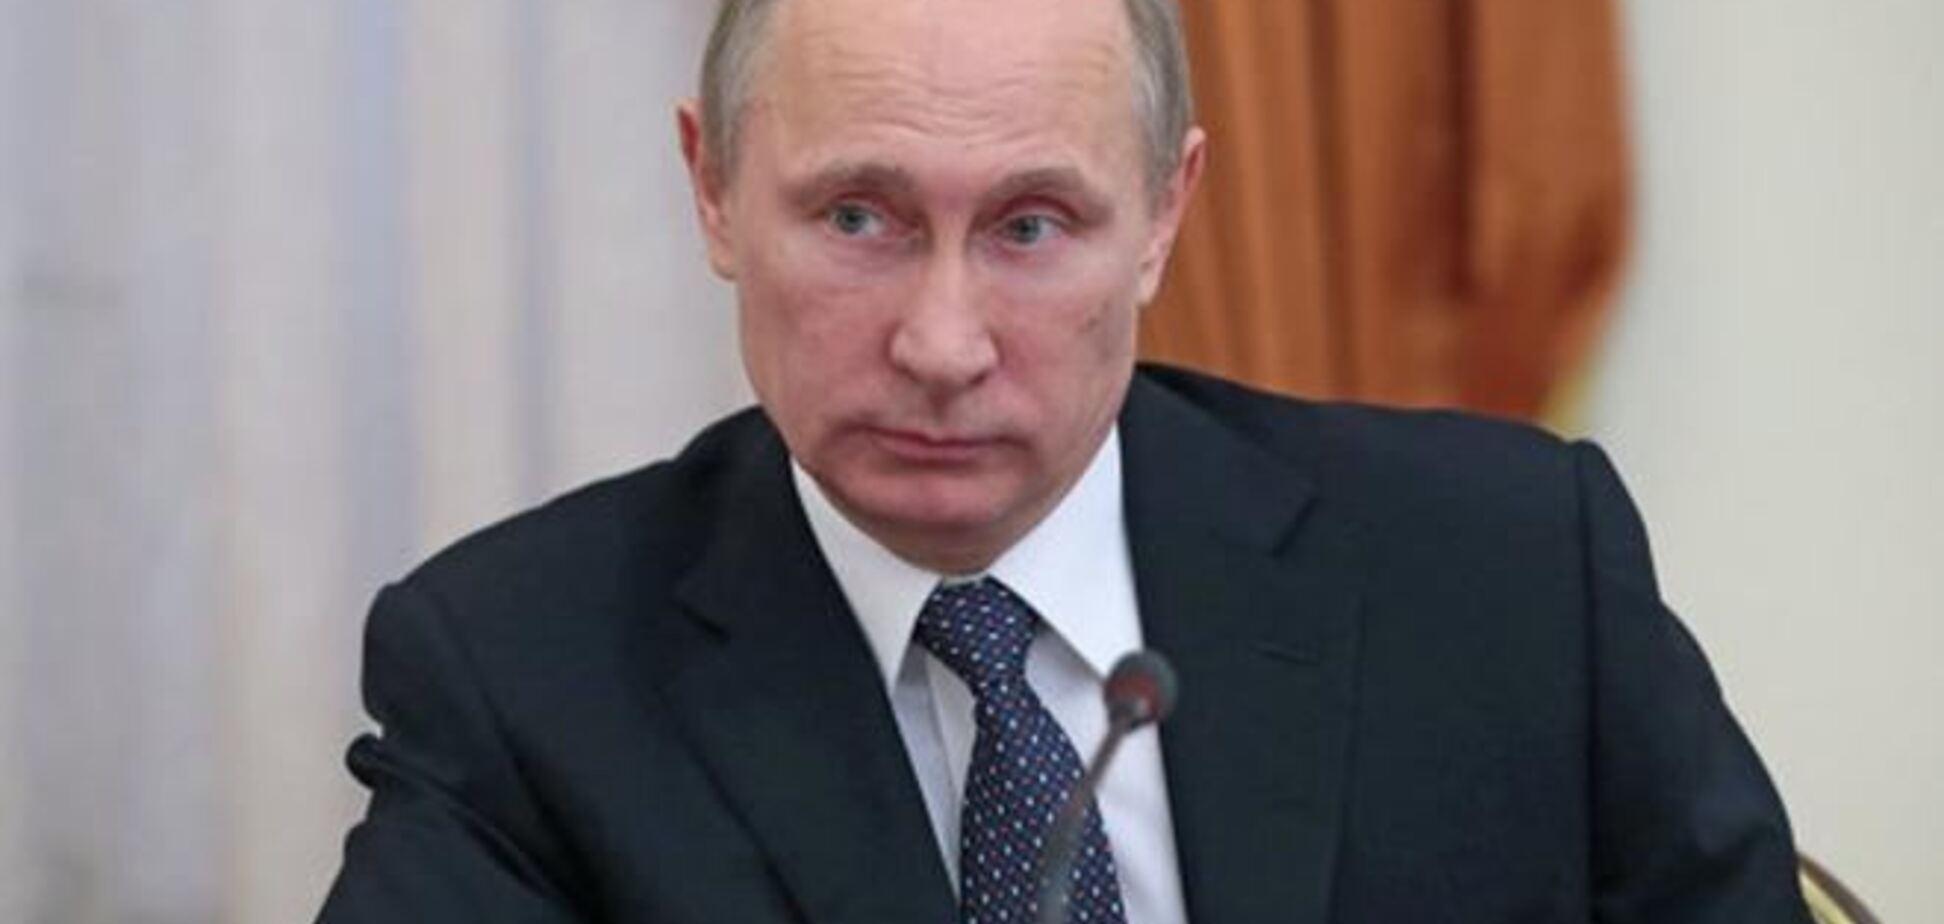 Путин попросил у СФ разрешения использовать войска в Украине